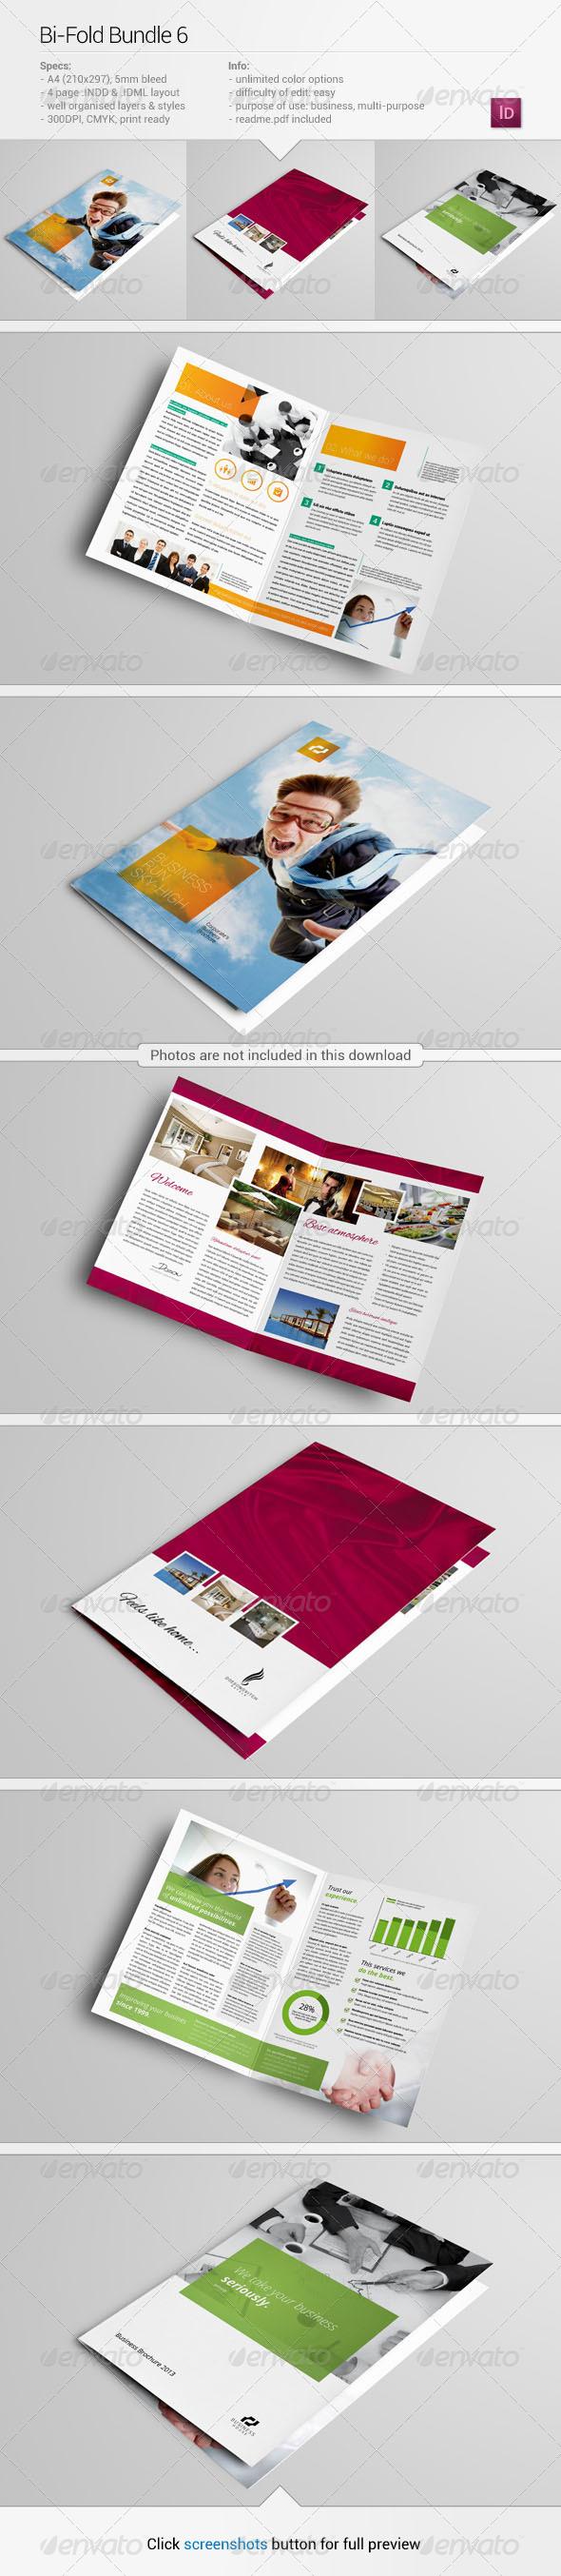 GraphicRiver Bi-Fold Bundle 6 5999830